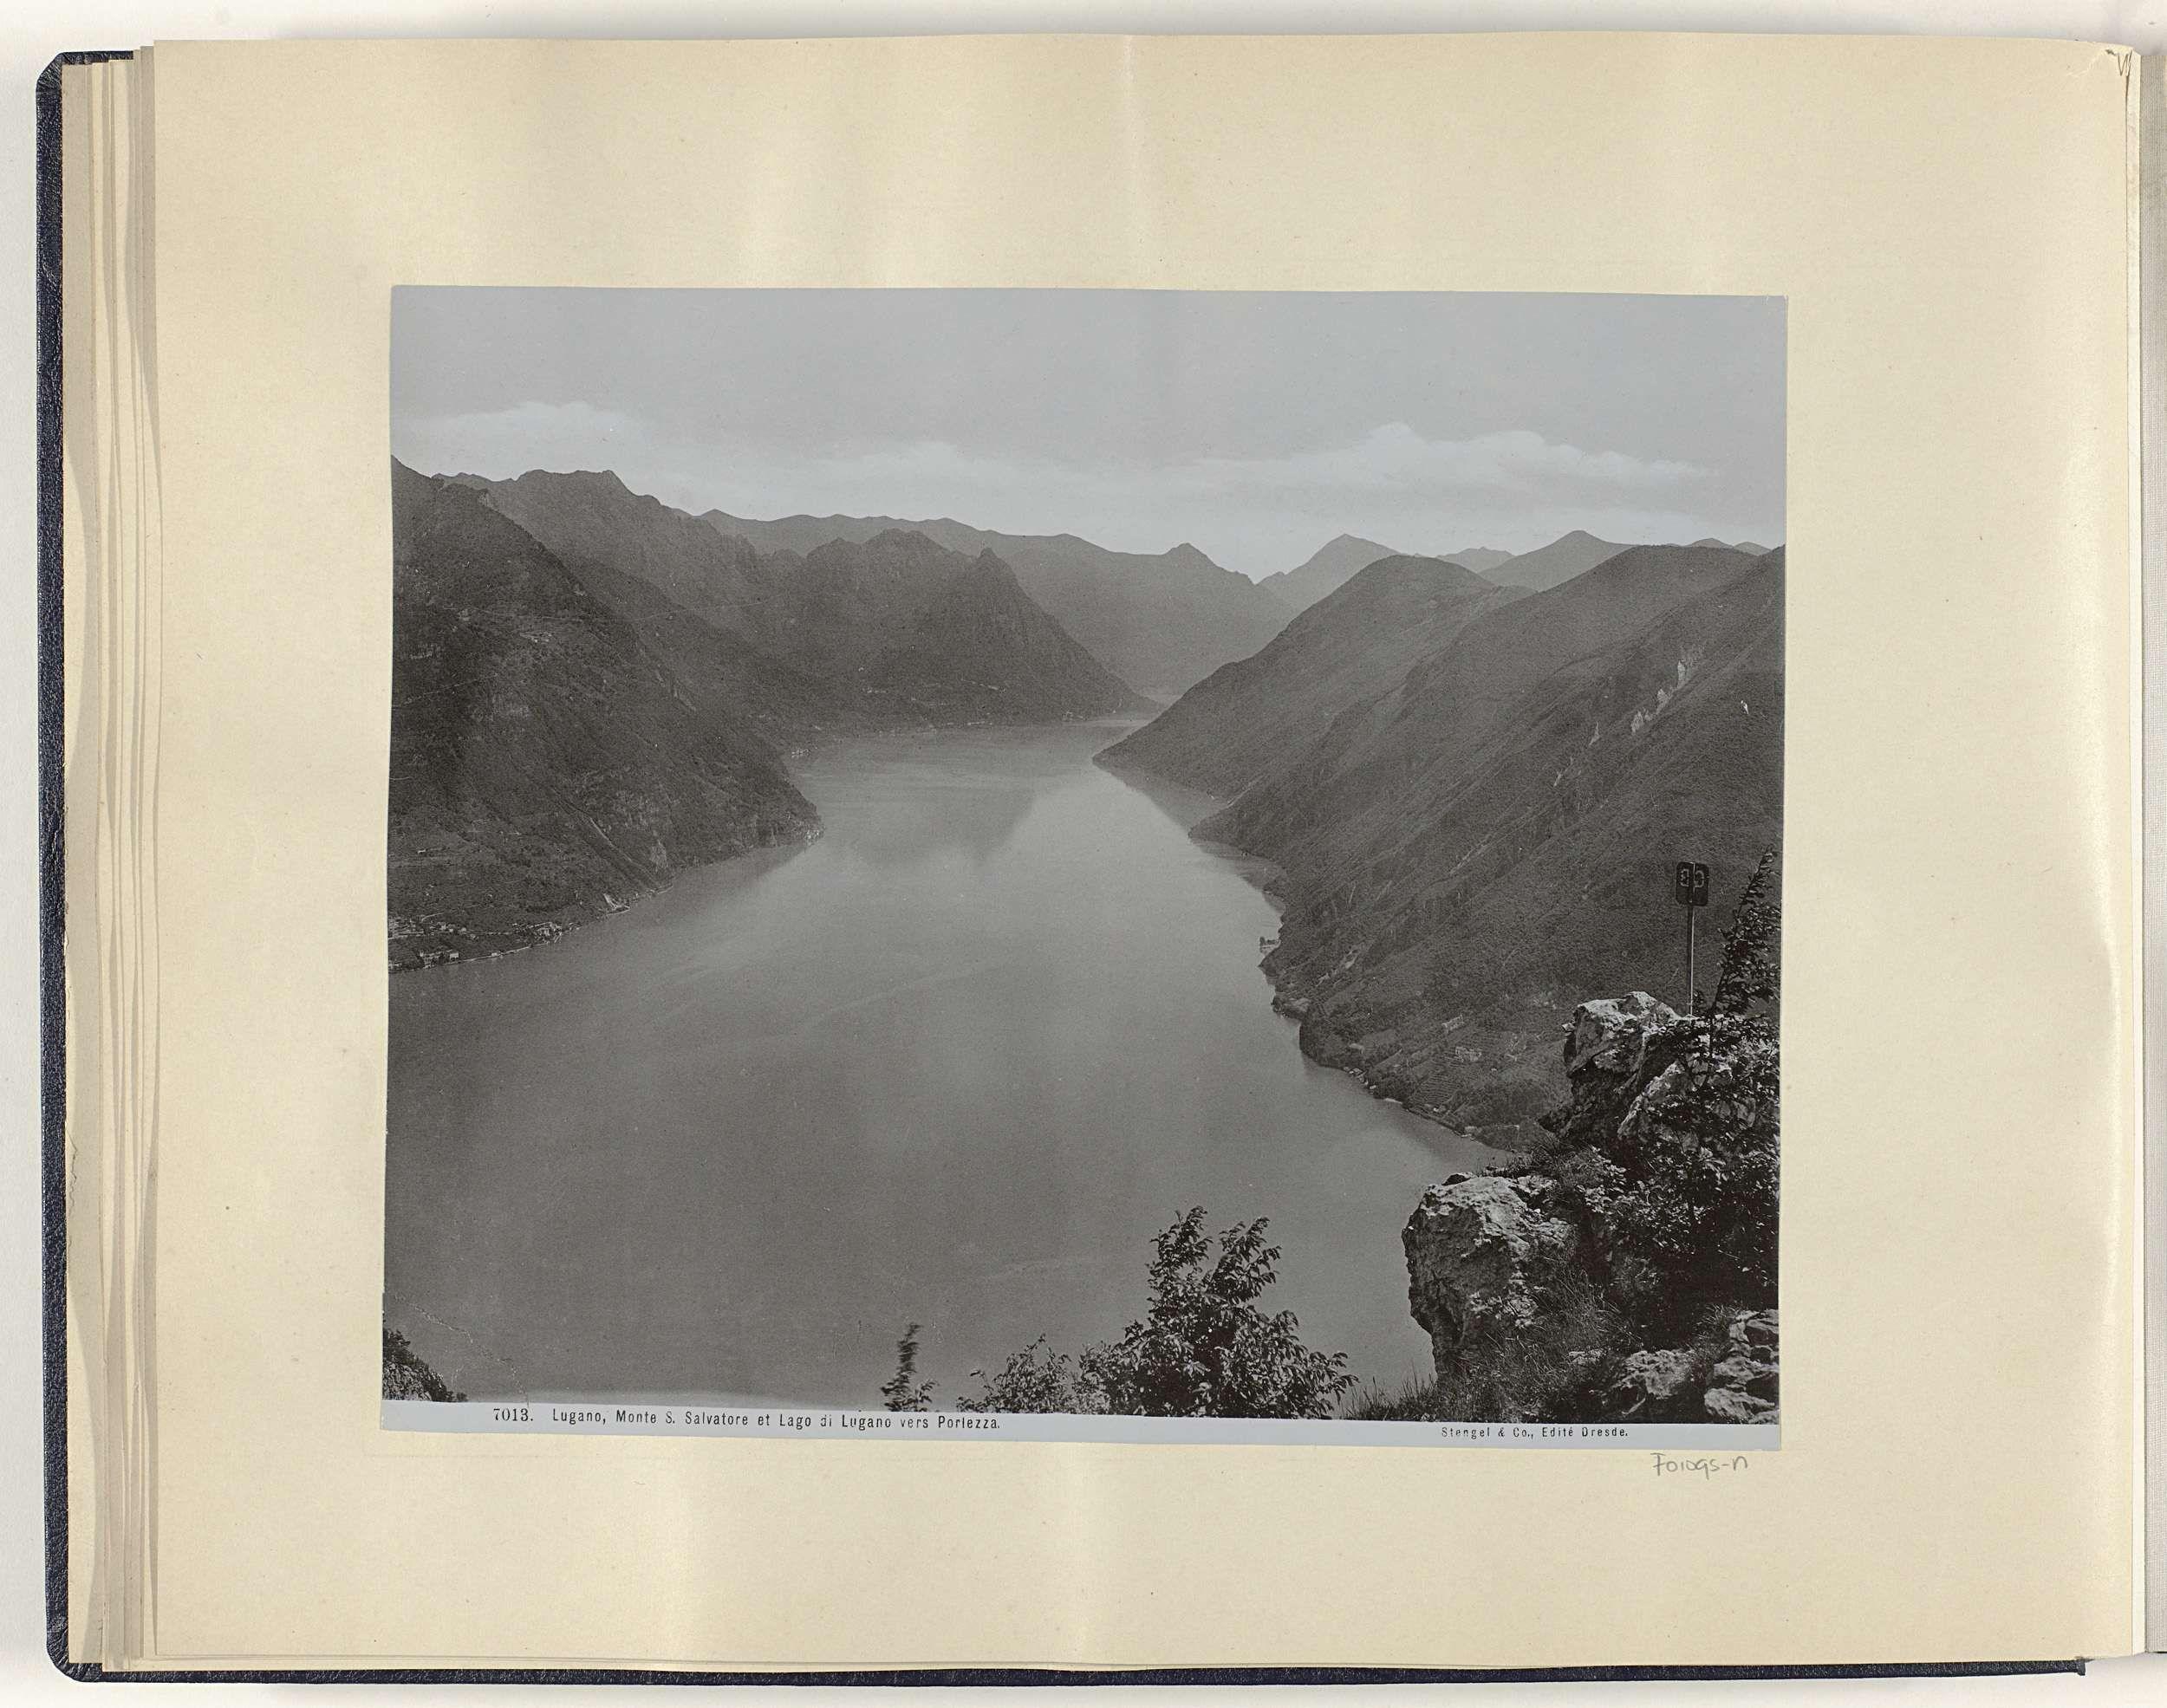 Anonymous | Monte Salvatore en het Meer van Lugano gezien richting Porlezza, Anonymous, Stengel & Co, 1897 | Onderdeel van Reisalbum met foto's van bezienswaardigheden in Italië, Zwitserland en Nederlands-Indië.